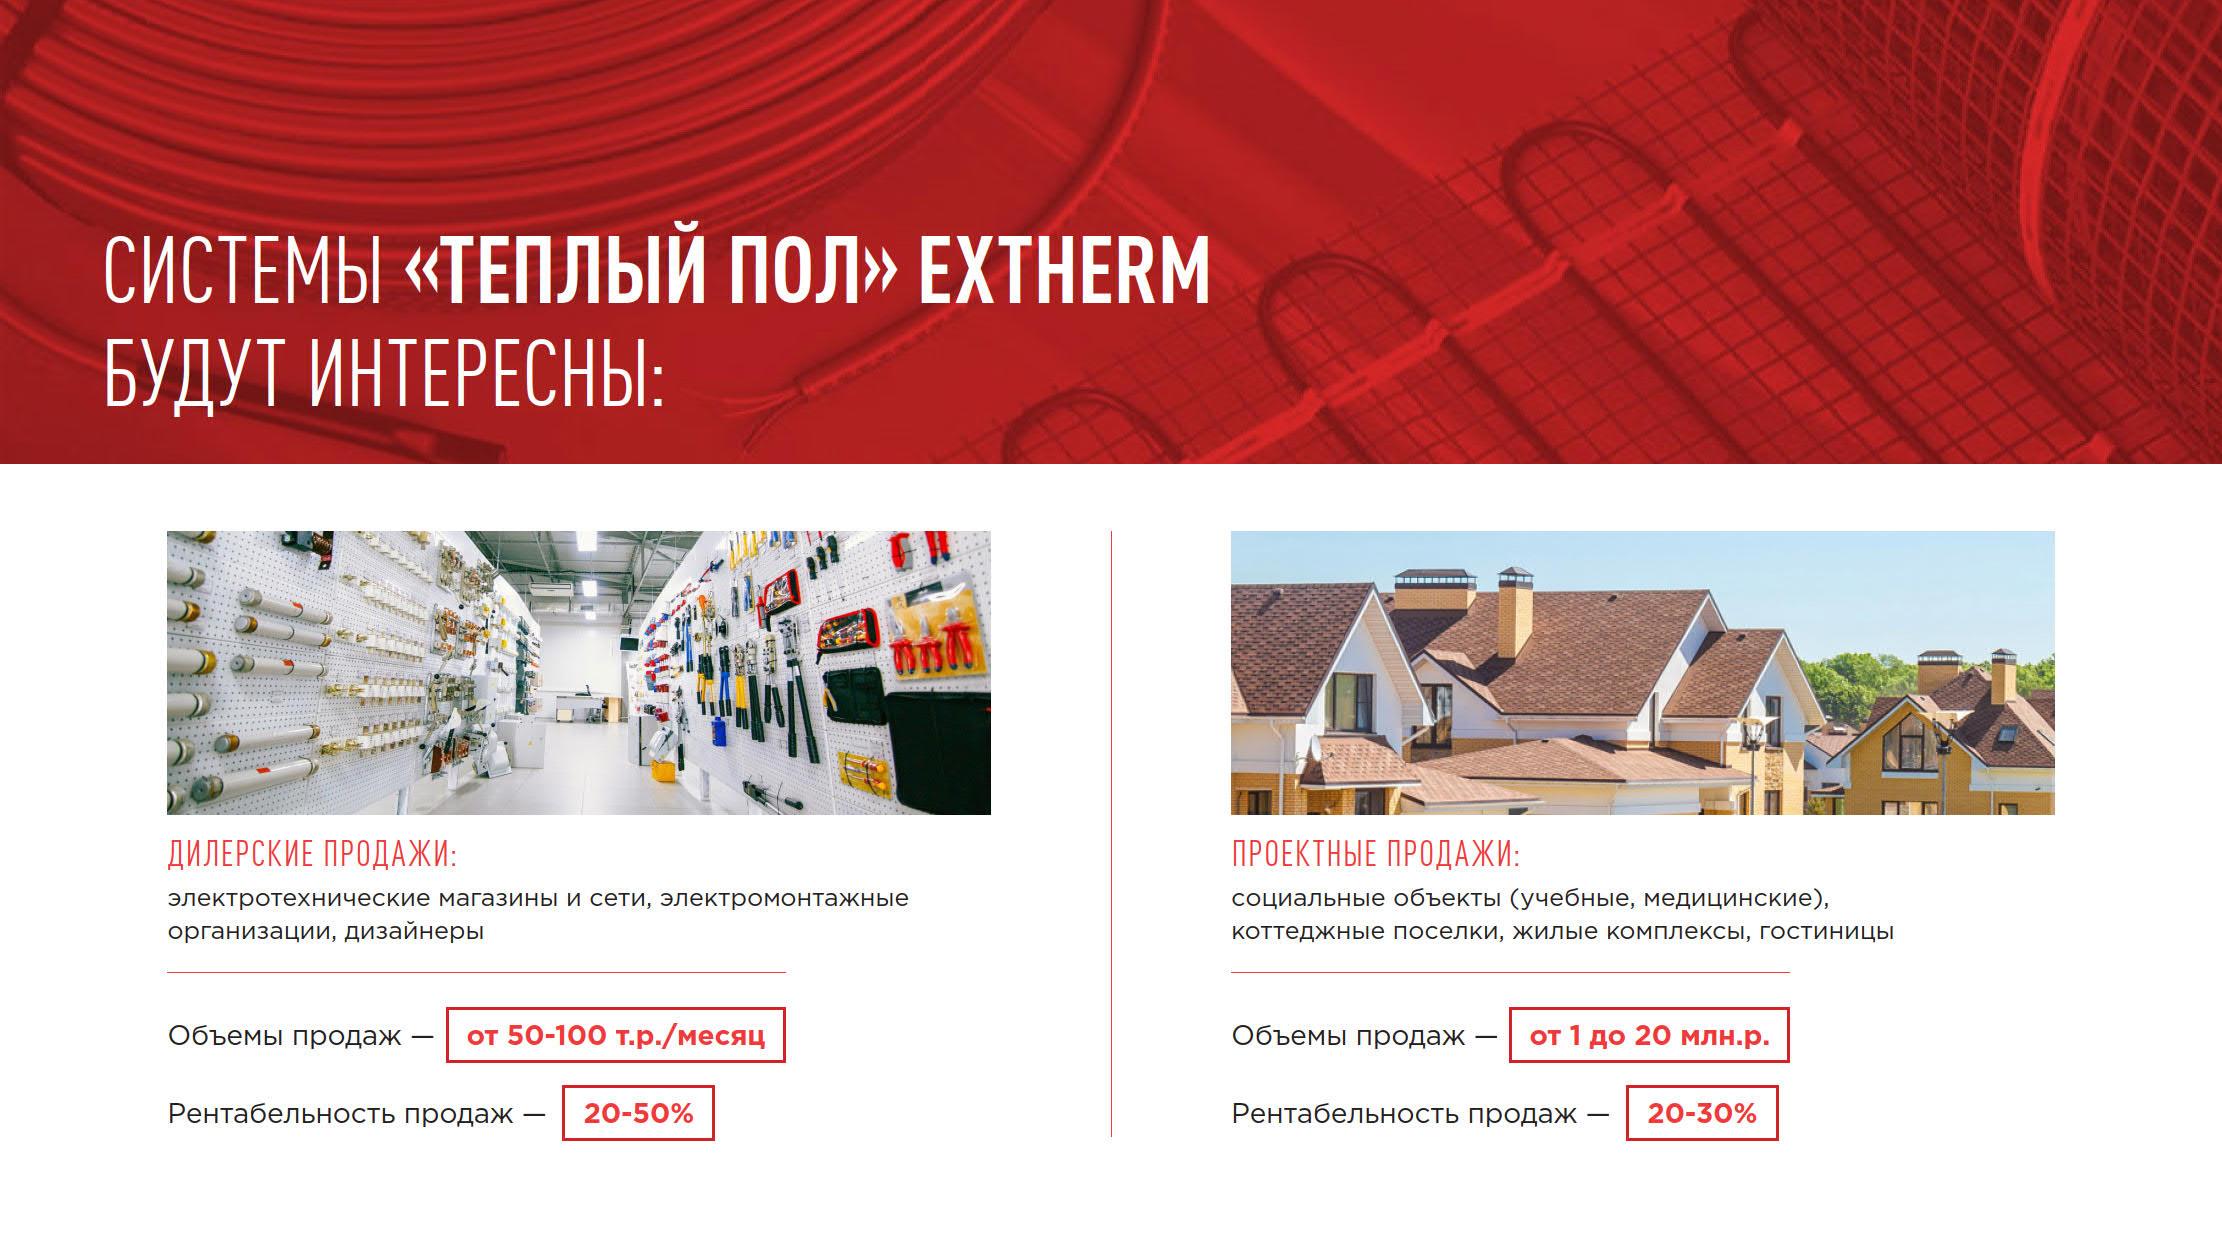 Презентация компании Extherm для дилеров